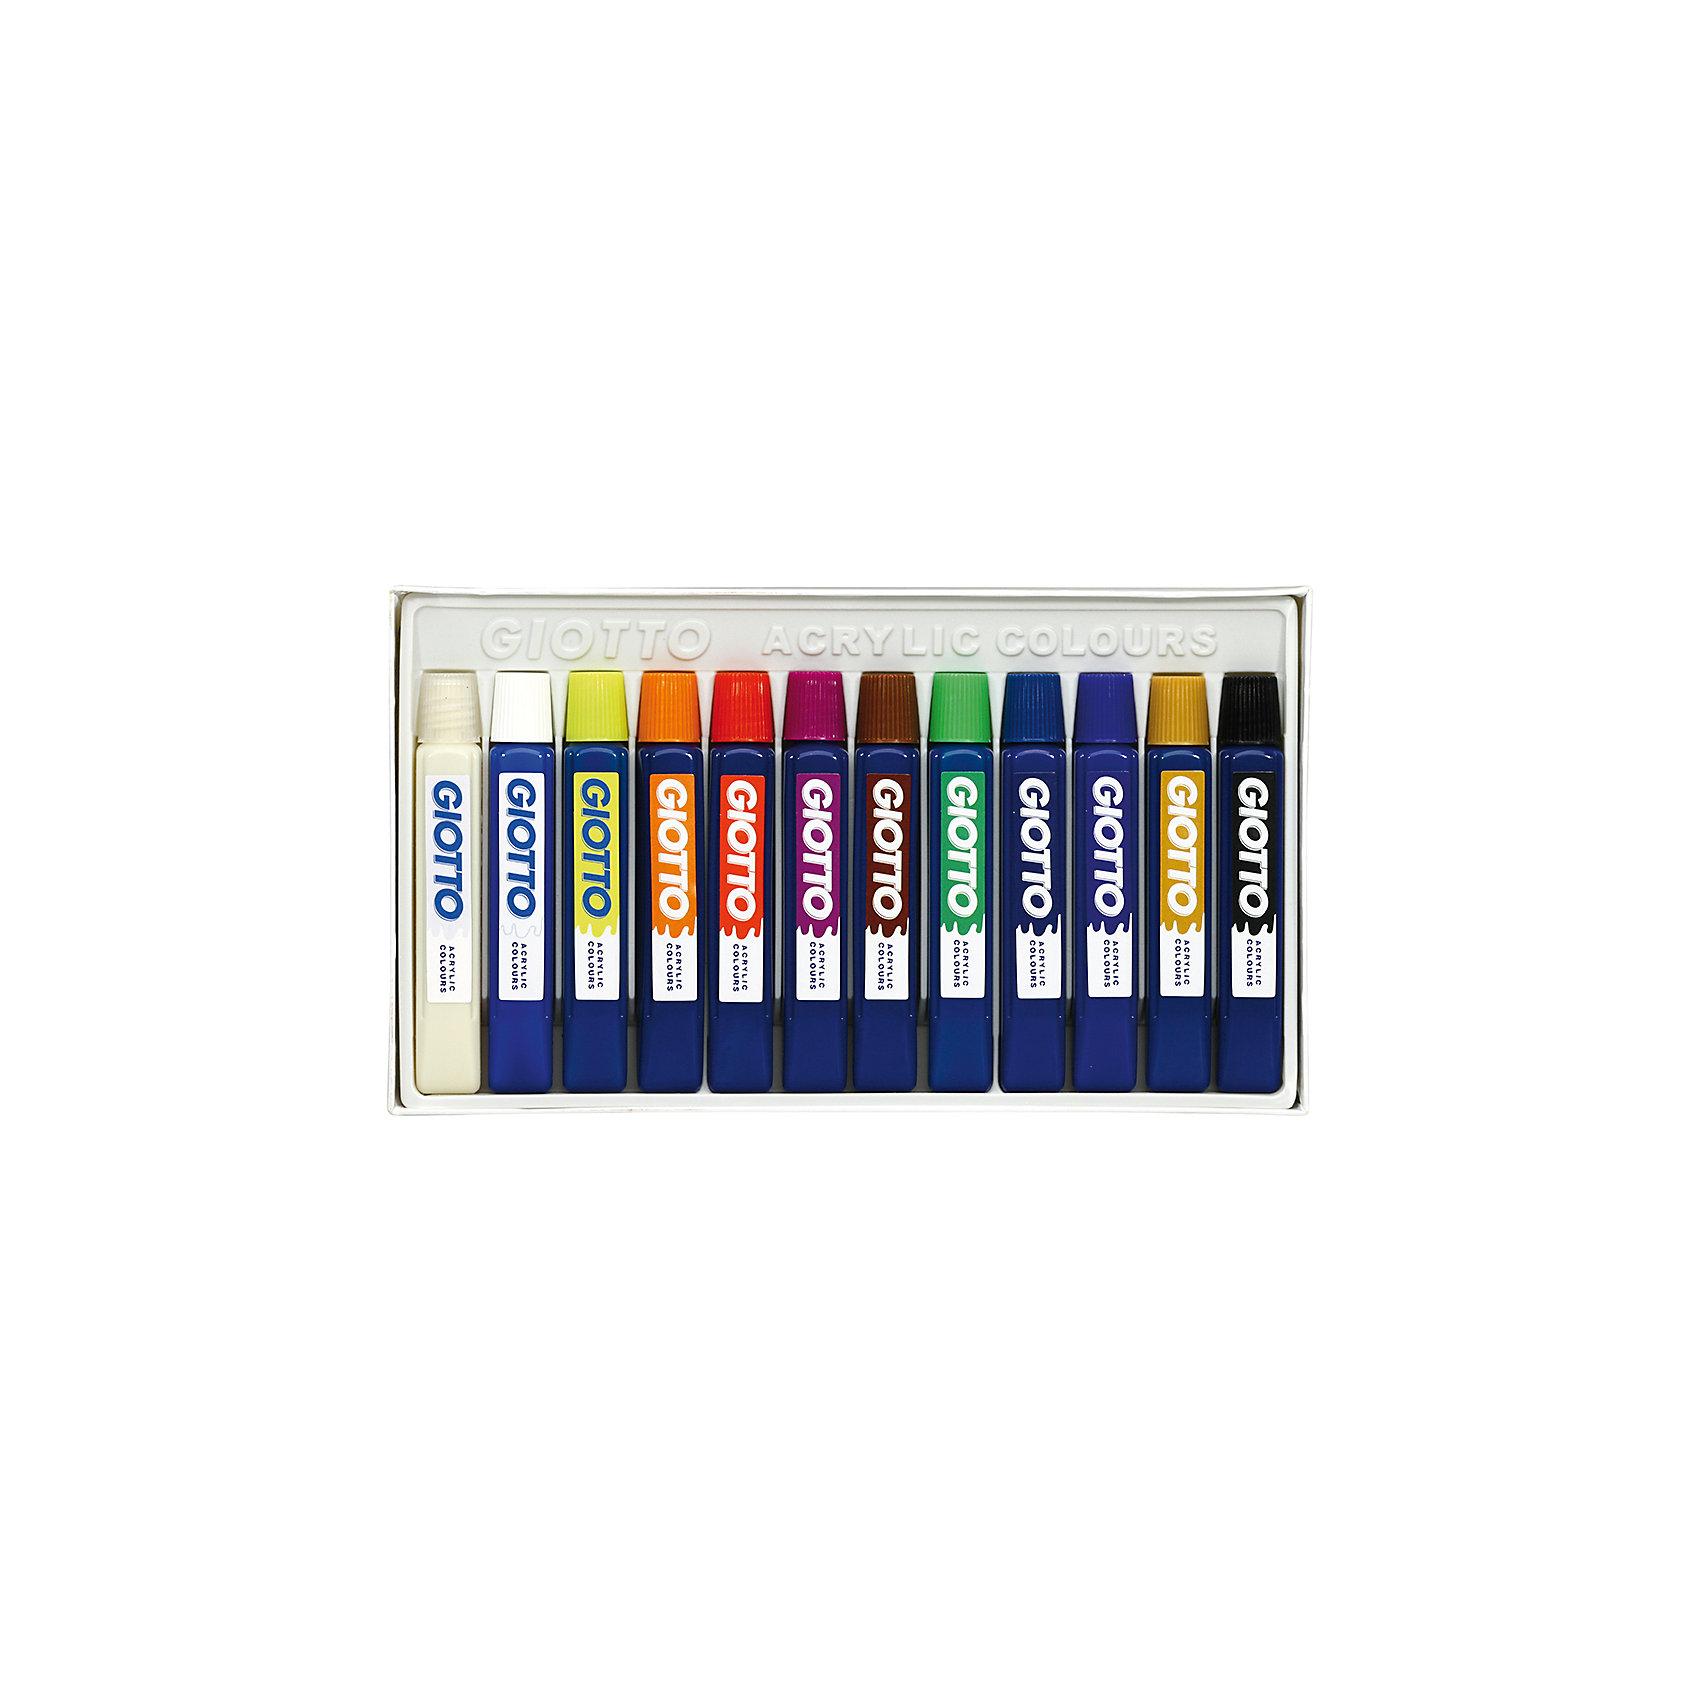 Акриловые краски на водной основе в тюбиках, 12 цветов х 12 мл., GIOTTOРисование<br>Акриловые краски на водной основе в тюбиках, 12 цв х 12 мл. Высокое содержание цветового пигмента. Высокая покрывающая способность. Краски перманентные подходят для рисования на различных поверхностях: картон, кожа, стекло, дерево, керамика, пластик.<br><br>Ширина мм: 300<br>Глубина мм: 30<br>Высота мм: 170<br>Вес г: 250<br>Возраст от месяцев: 72<br>Возраст до месяцев: 120<br>Пол: Унисекс<br>Возраст: Детский<br>SKU: 5107823